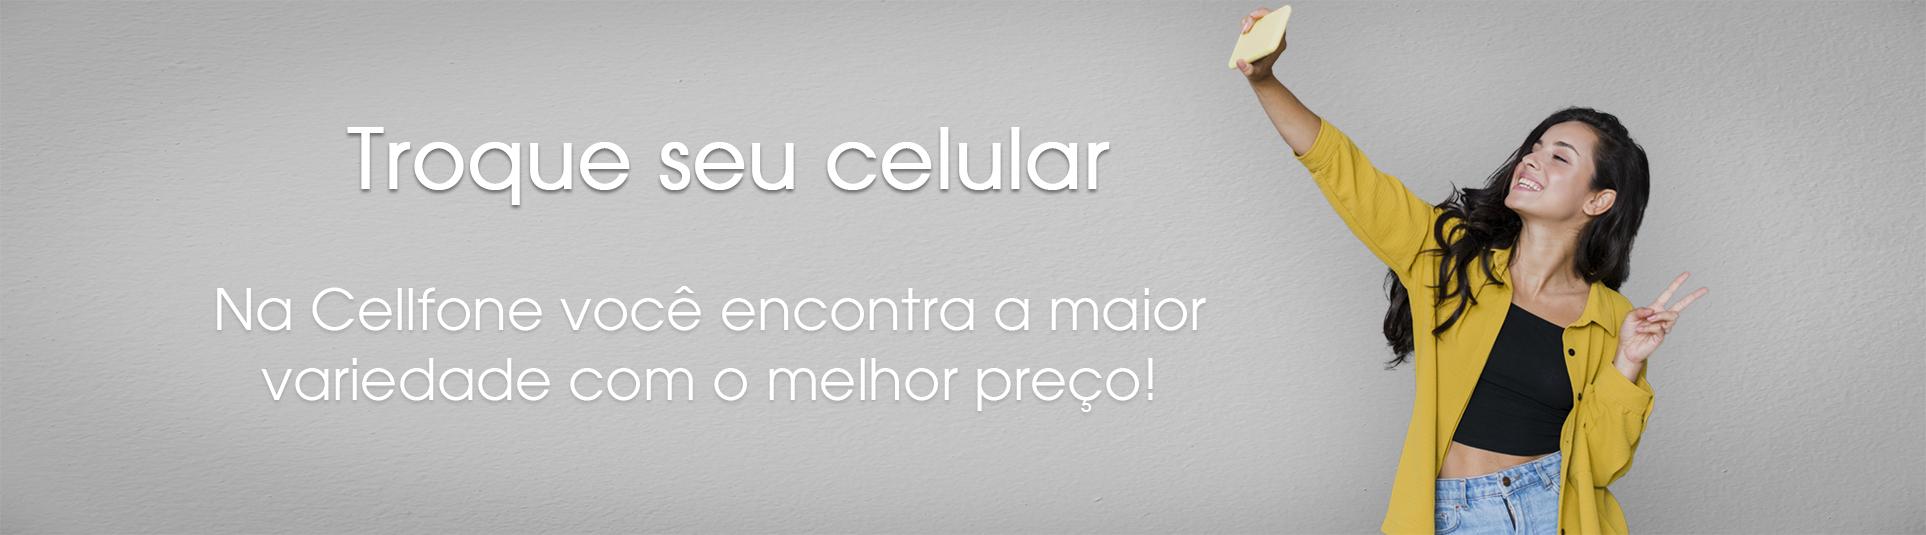 Troque seu celular na Cellfone você encontra a maior variedade pelo menor preço!